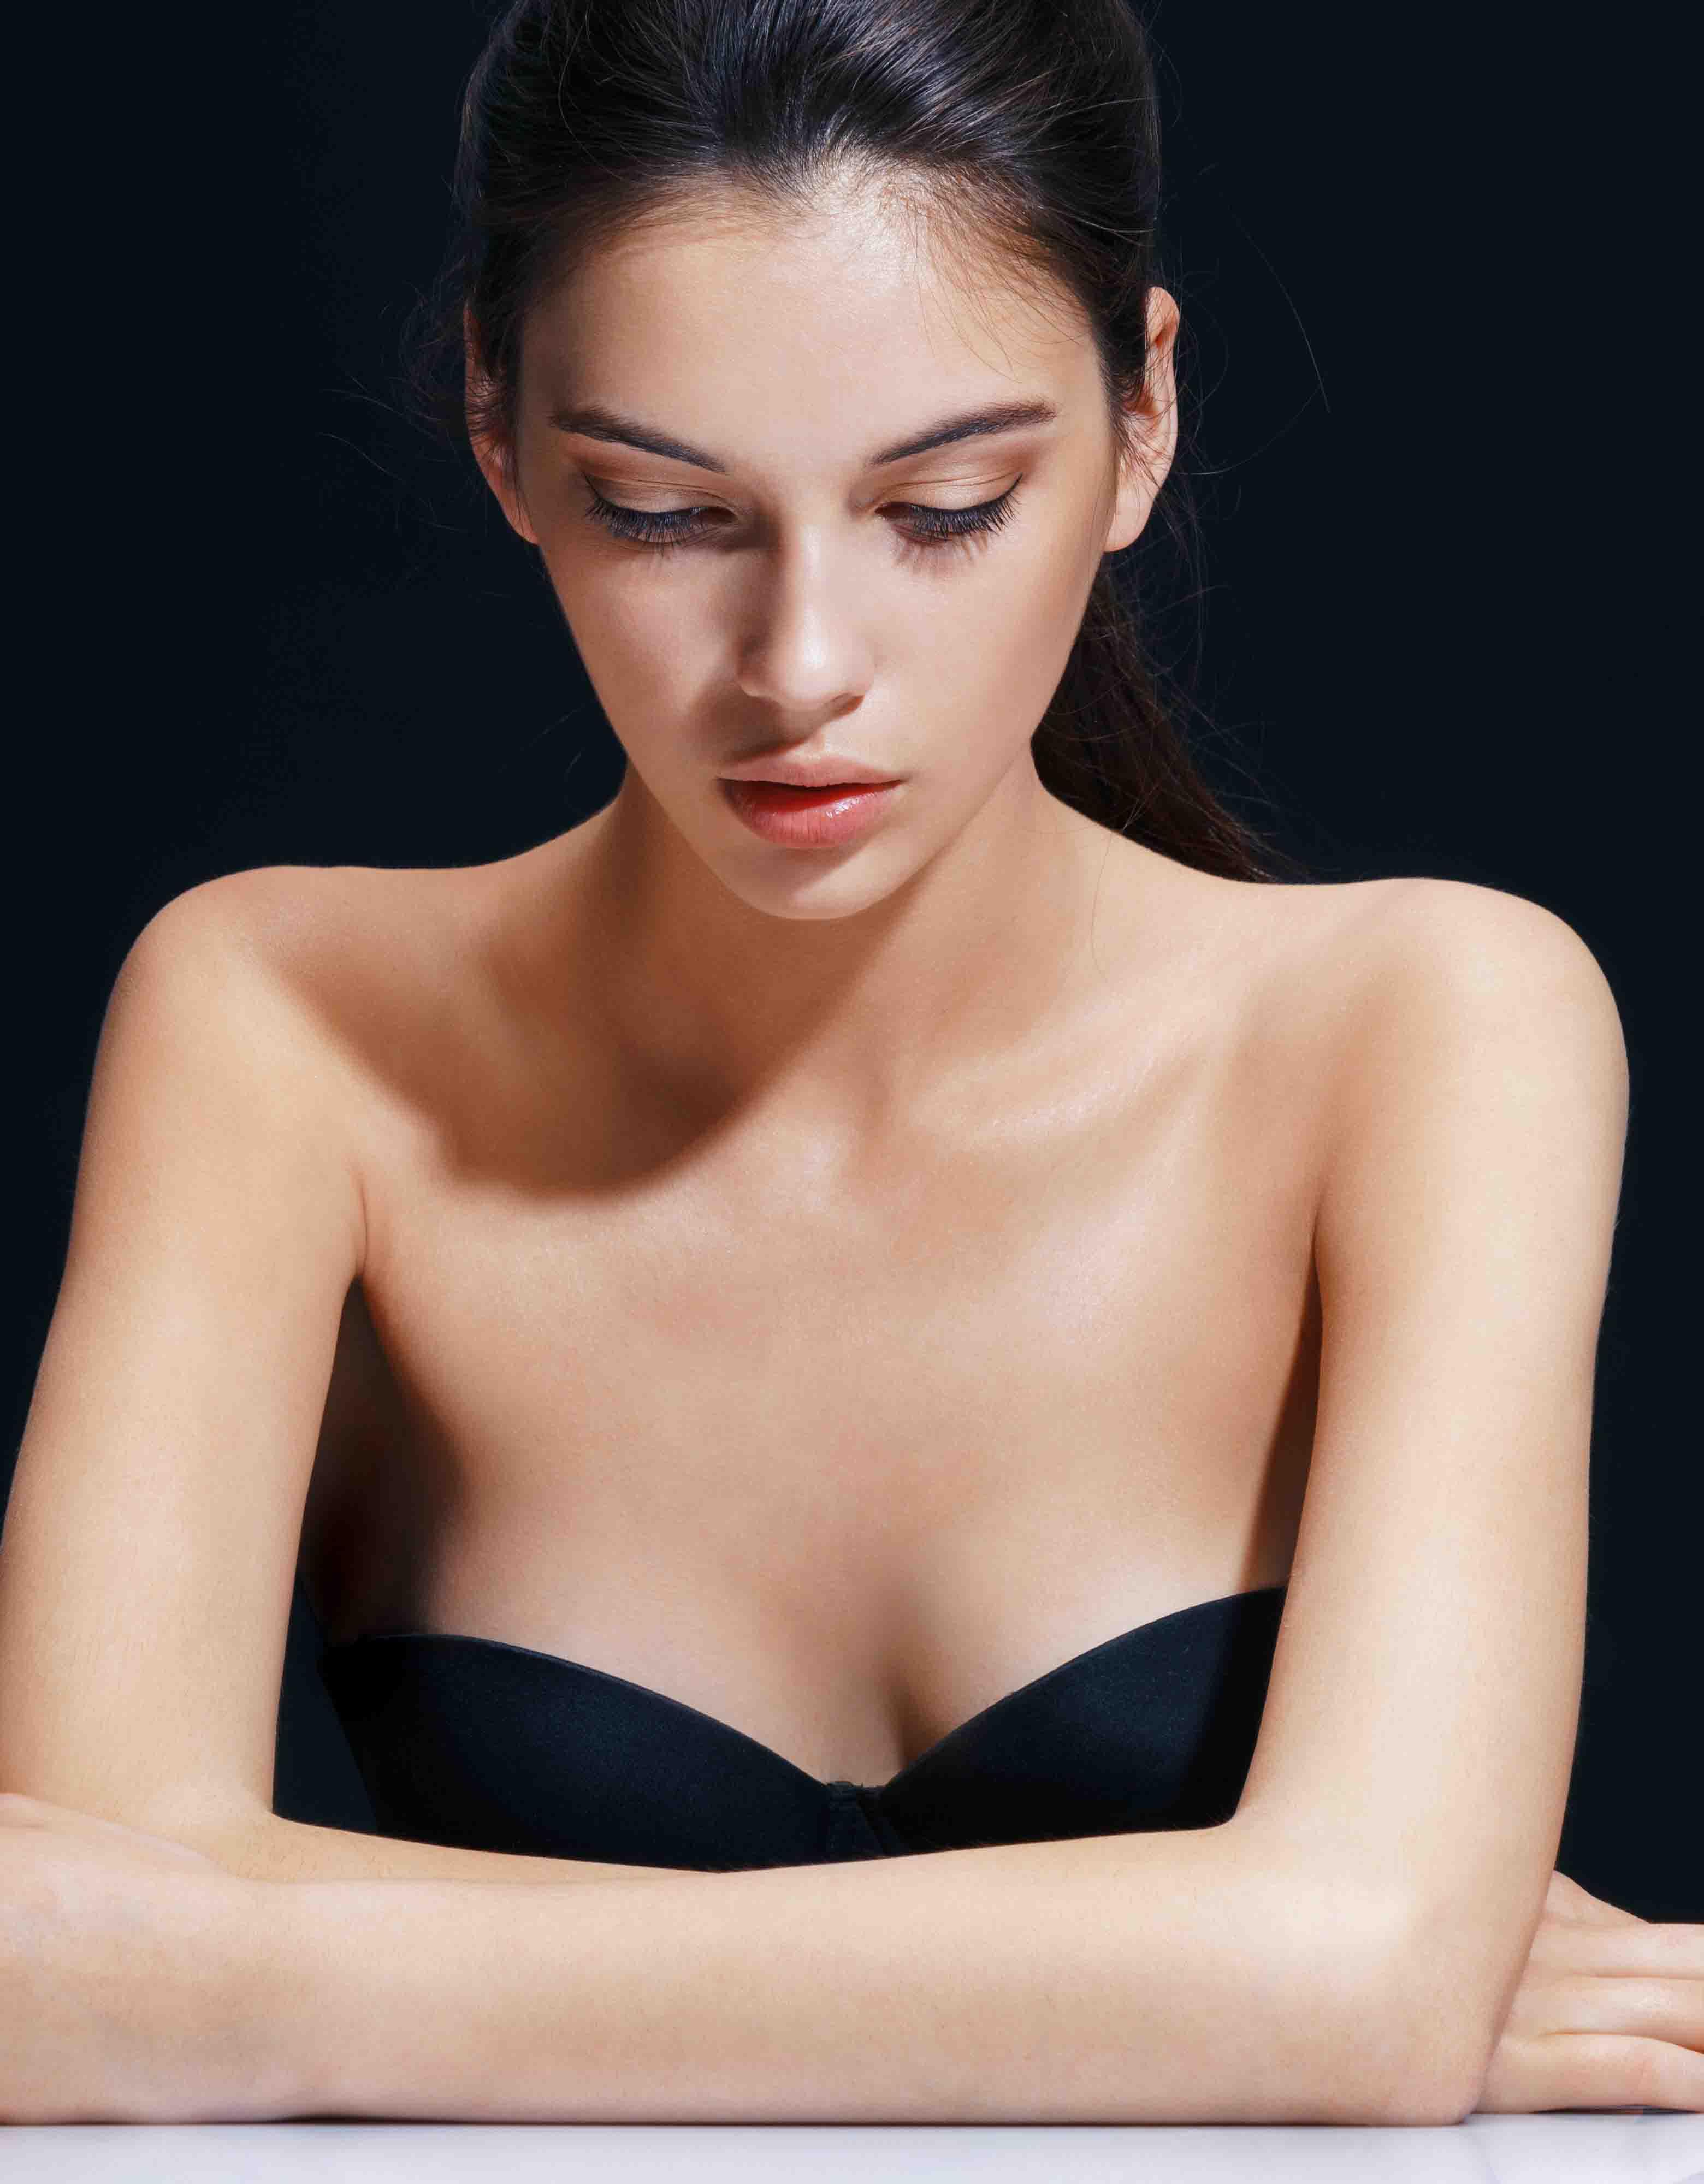 Hay unos masajes para el aumento de los pechos